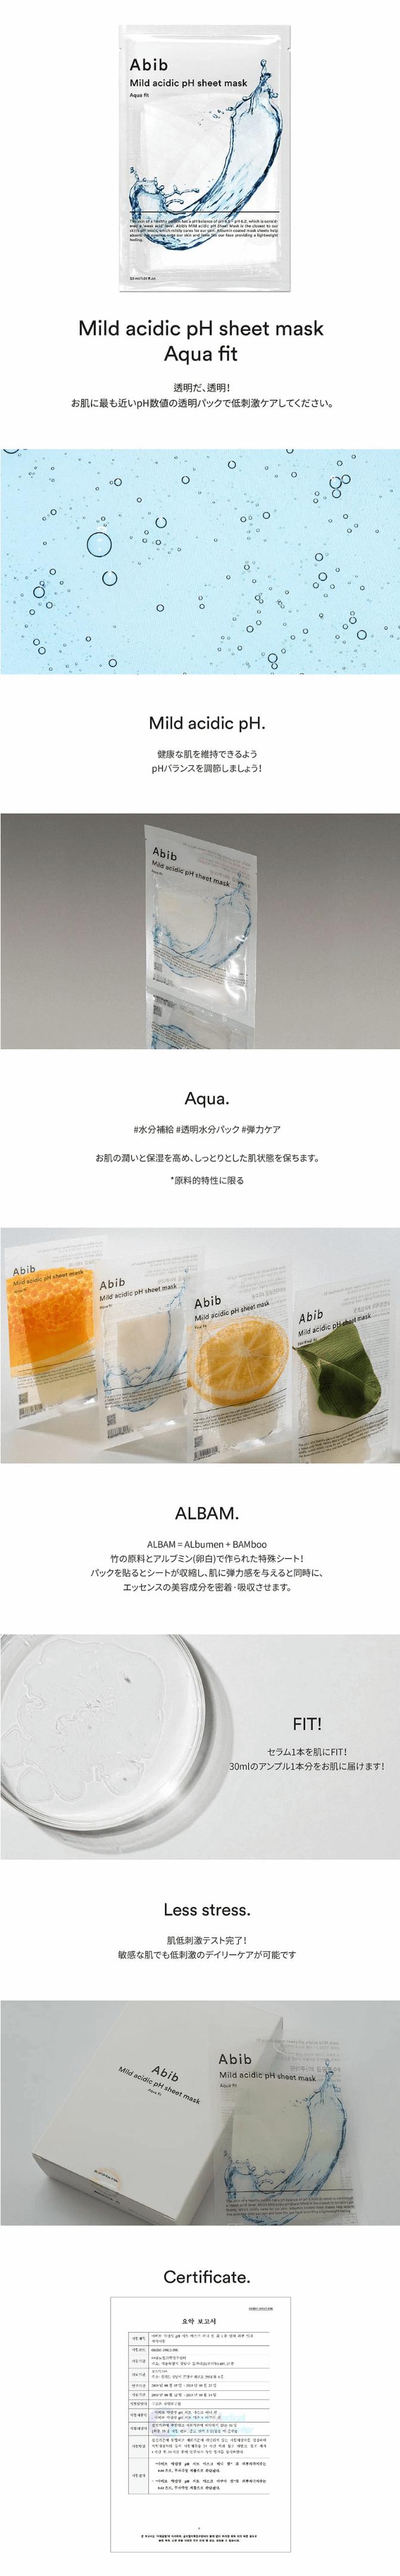 Abib弱酸性pHシートマスクドクダミフィット